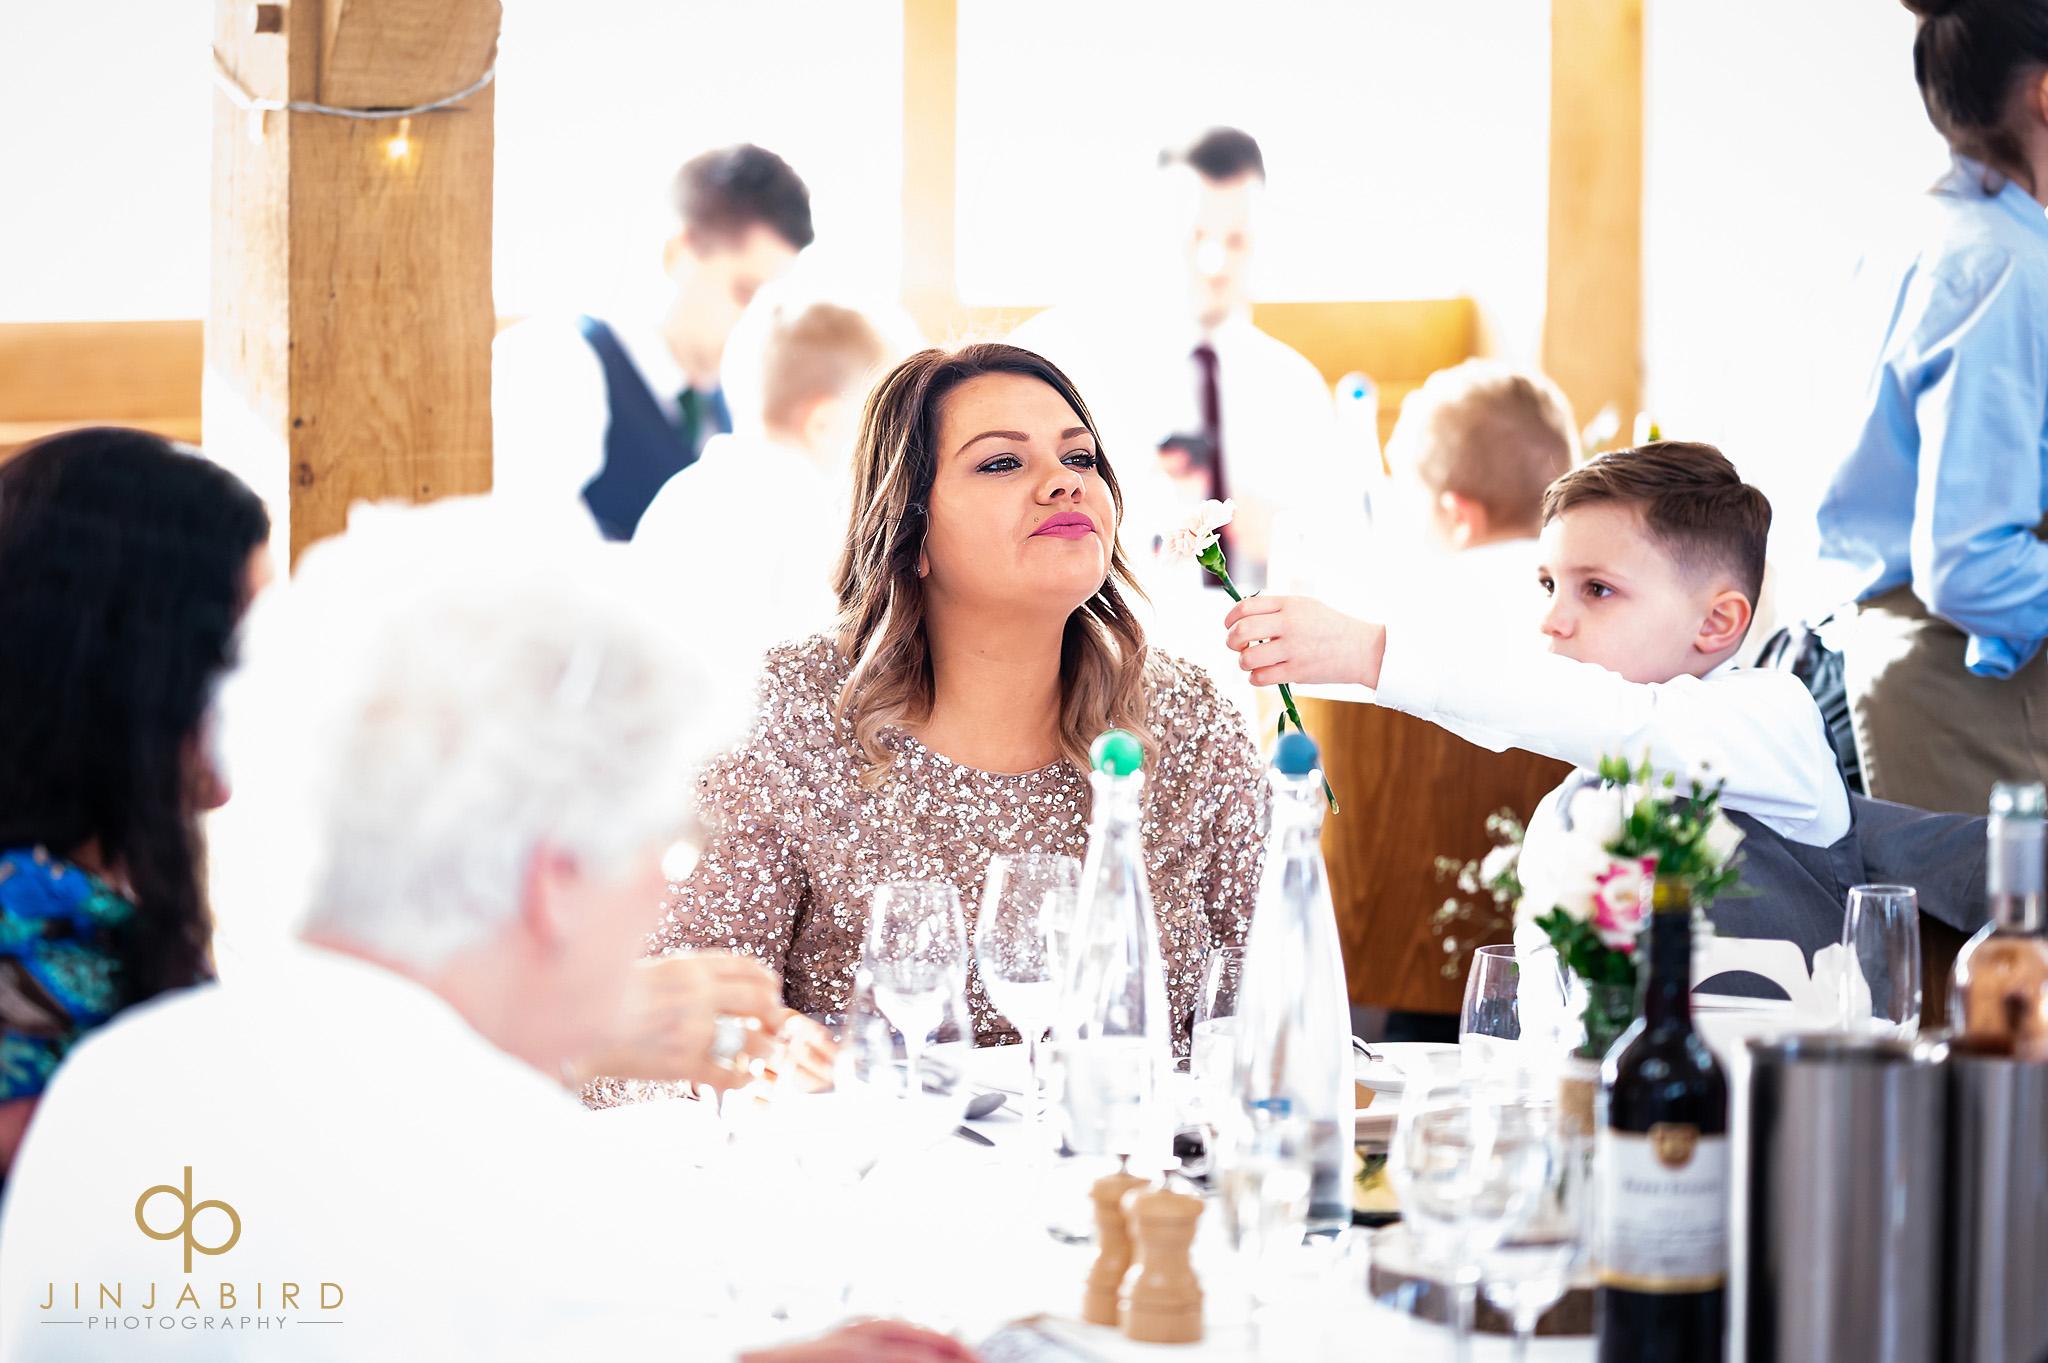 bridesmaid at reception